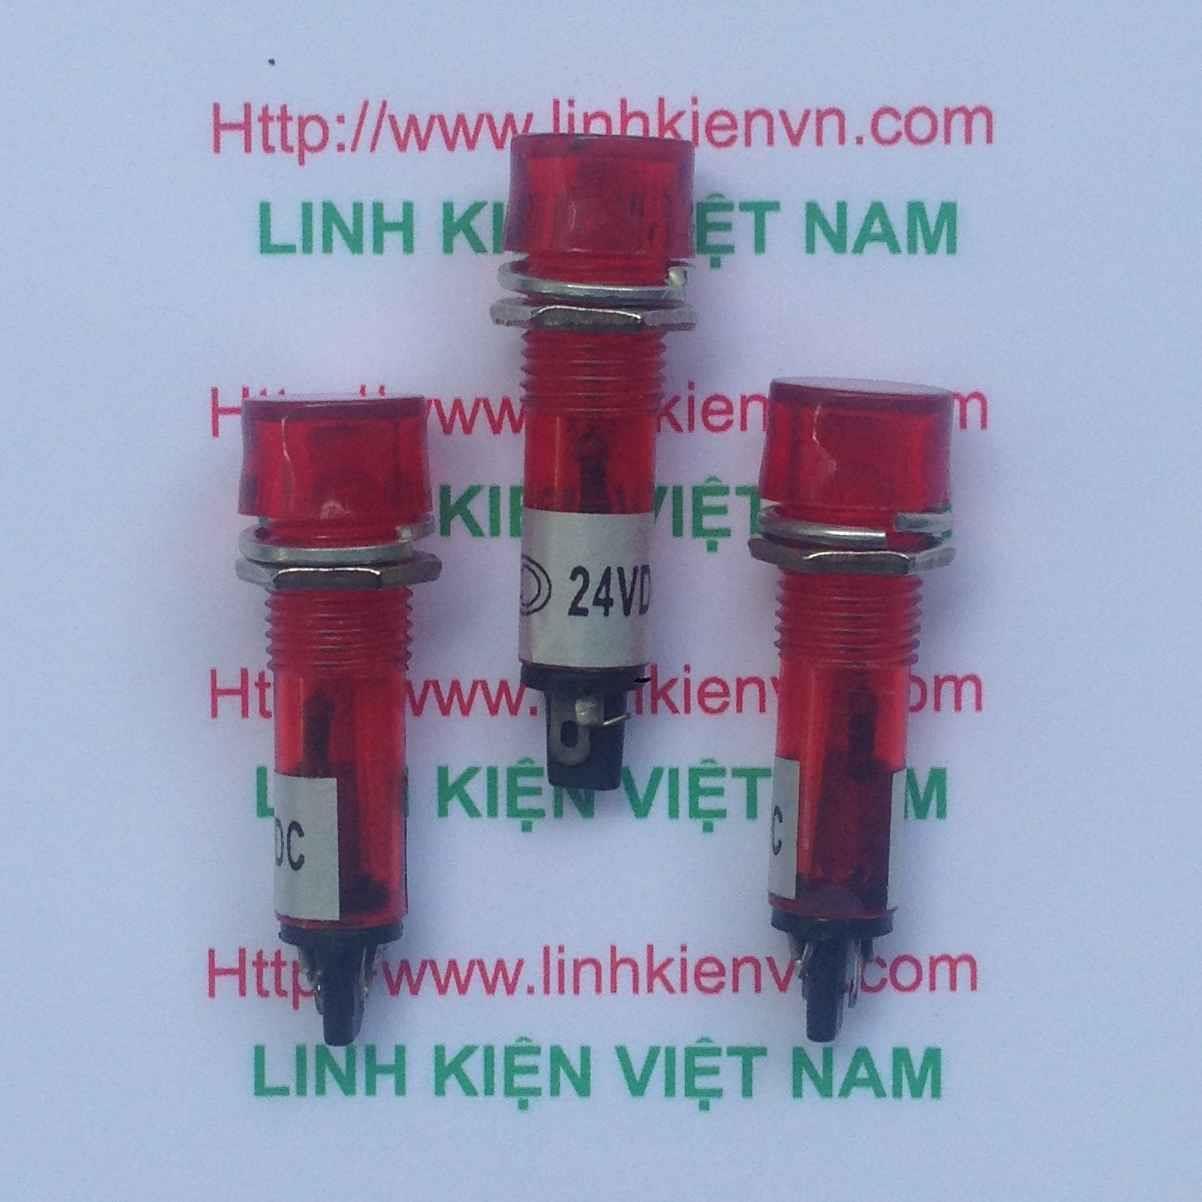 Led nguồn XD10-3 24V 10mm màu đỏ / Led tủ điện 24V / Đèn 24V - G8H13